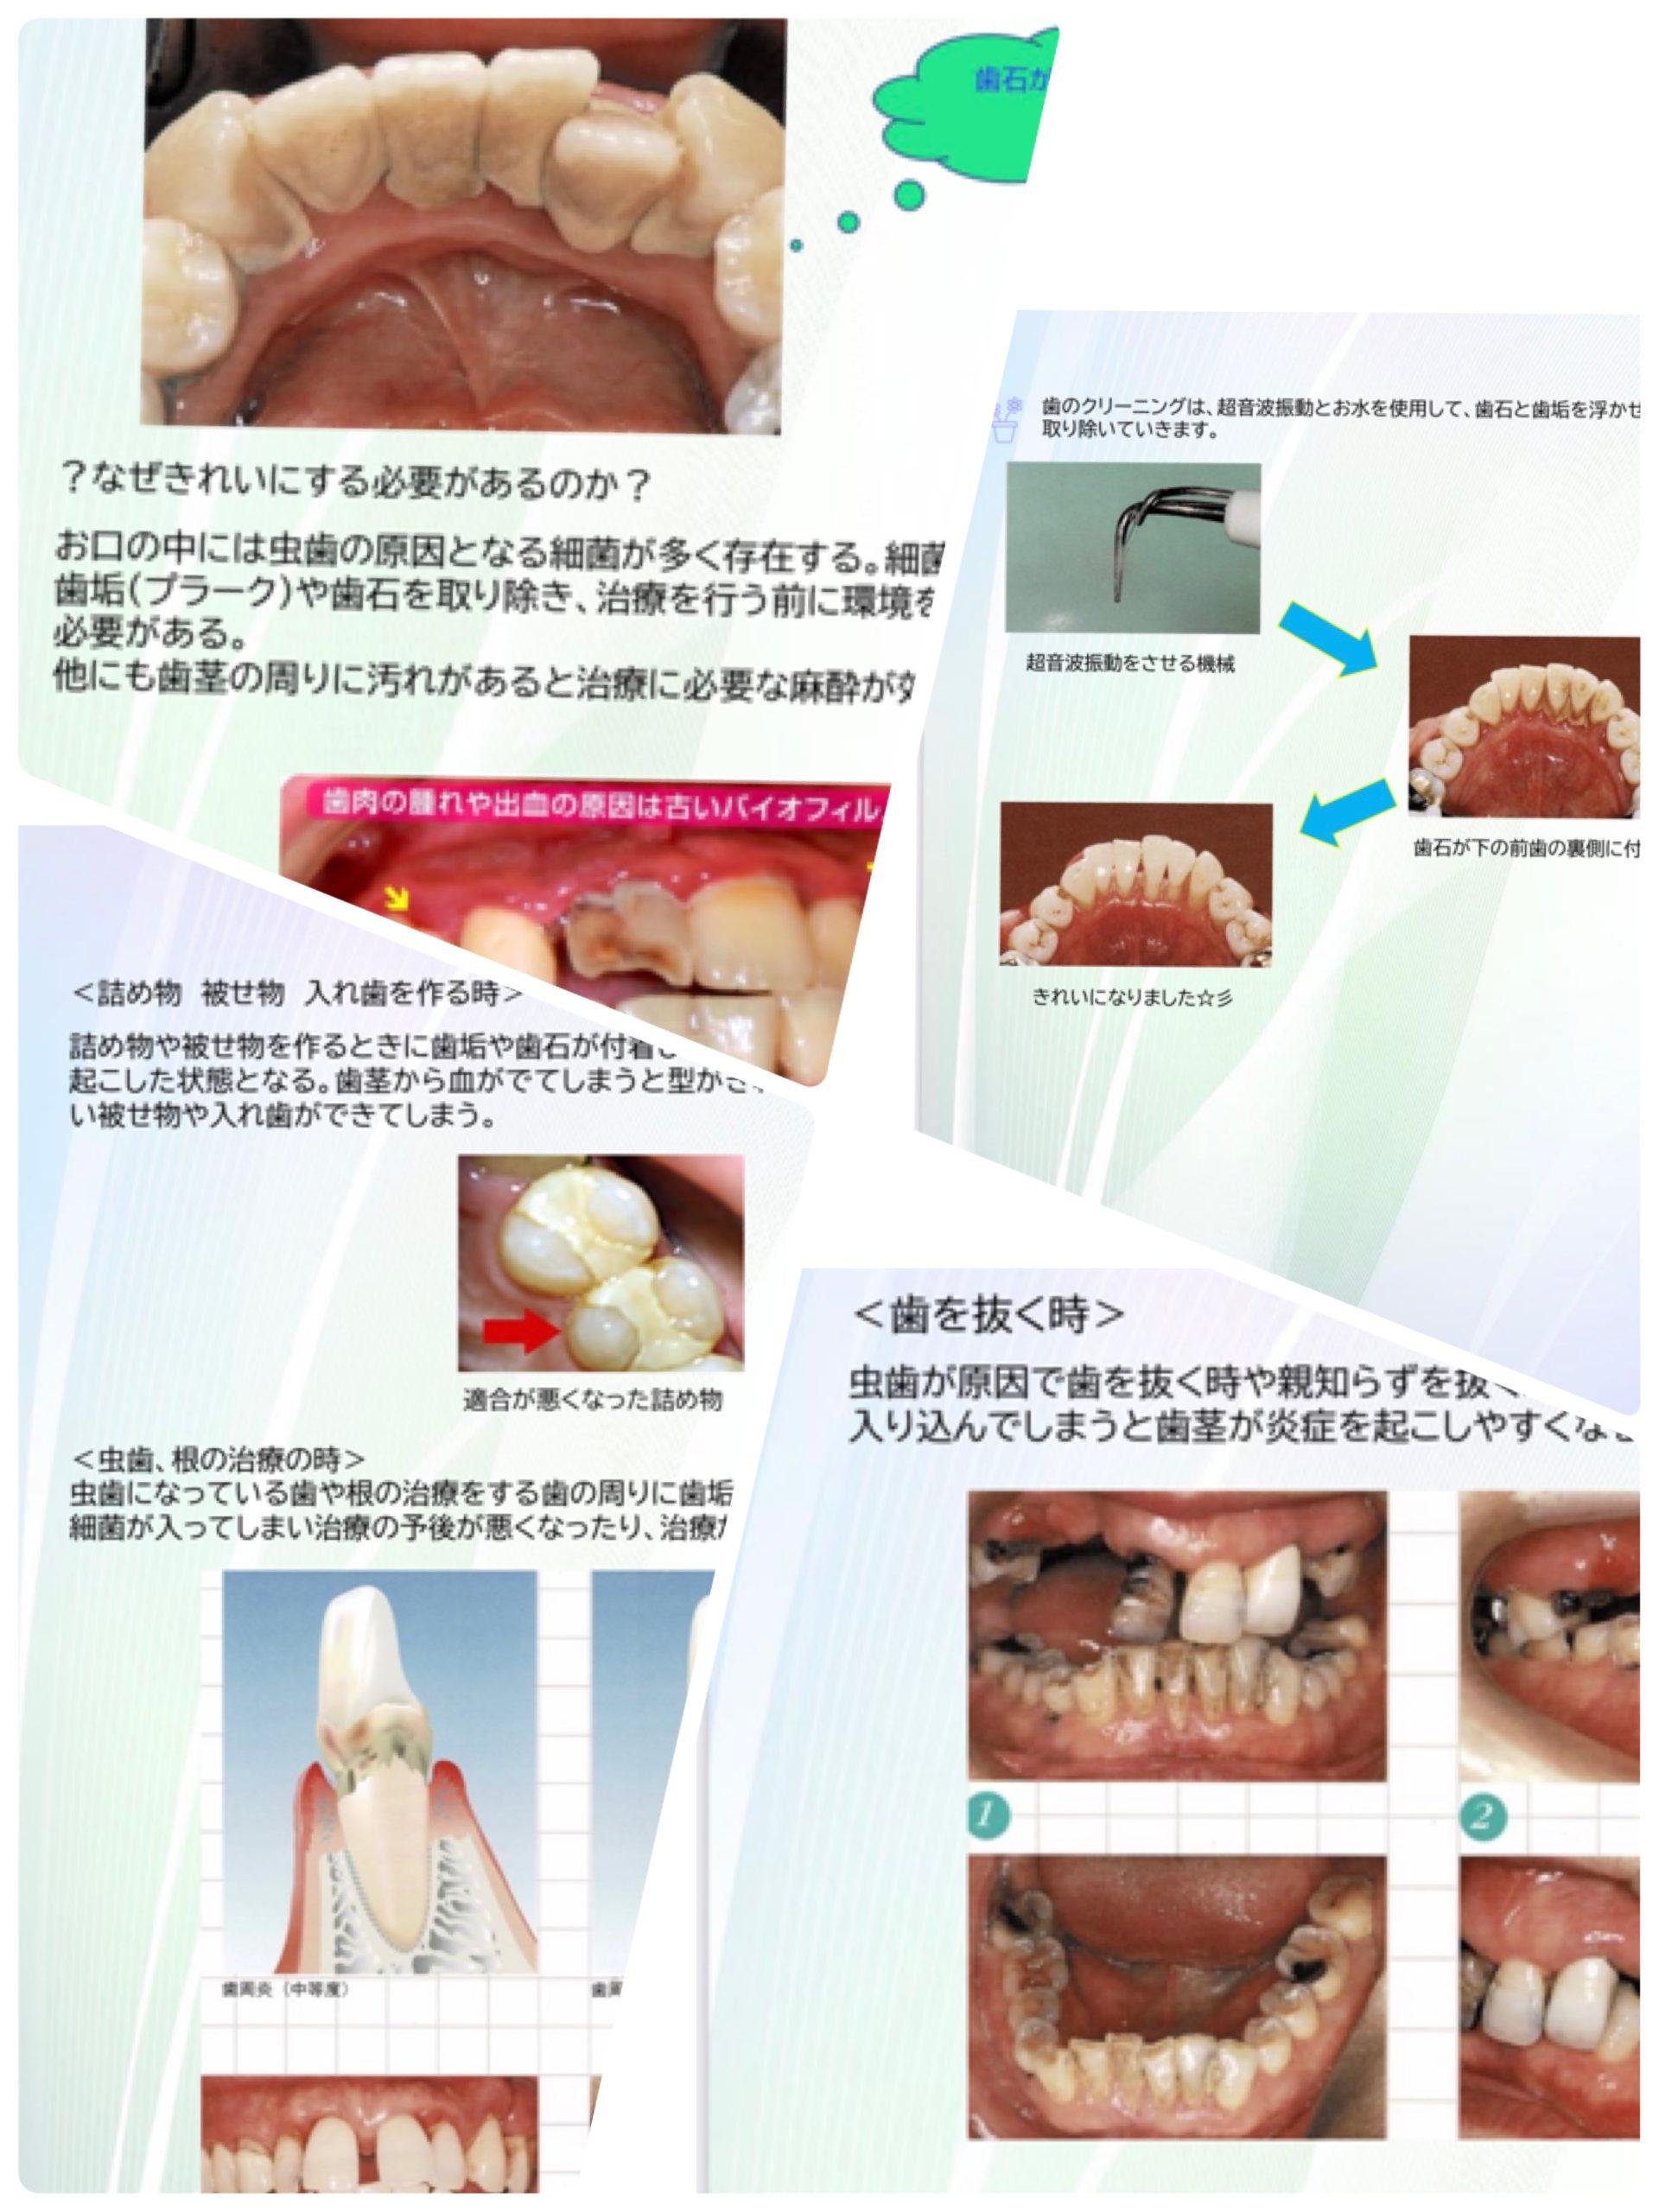 治療前に歯のクリーニングを!